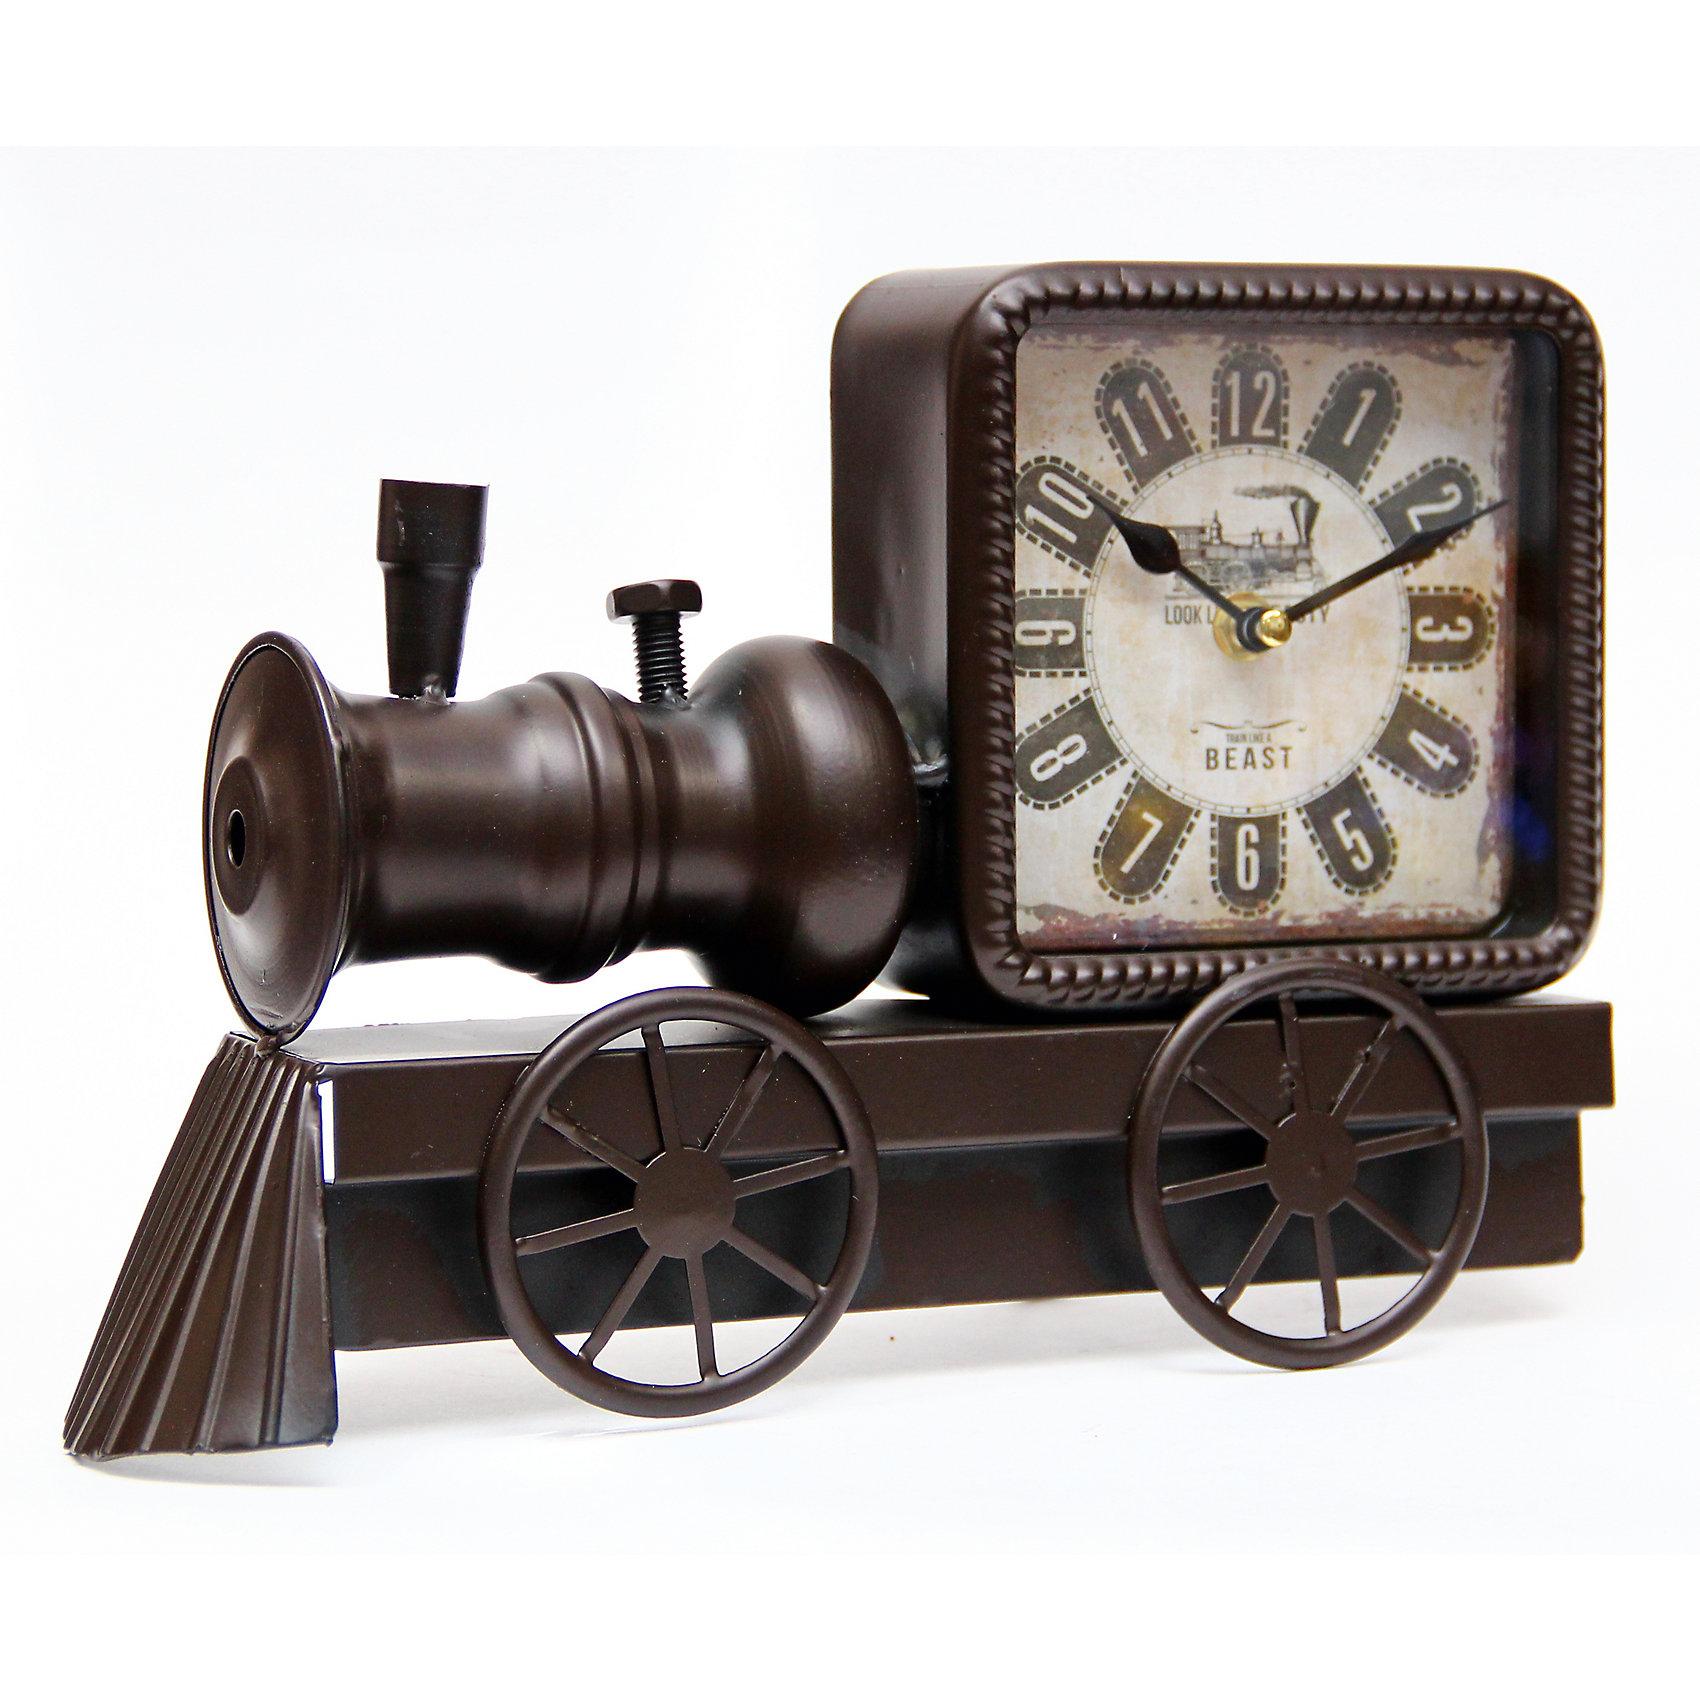 Часы Паровоз настольные кварцевые, Феникс-ПрезентДетские предметы интерьера<br>Часы Паровоз настольные кварцевые, Феникс-Презент<br><br>Характеристики:<br><br>• оригинальный дизайн в виде паровоза<br>• тип часов: кварцевые<br>• размер: 30х7х21 см<br>• материал: металл<br>• материал циферблата: металл с покрытием из принтованной бумаги<br>• батарейки: АА - 1 шт. (не входит в комплект)<br><br>Часы Паровоз станут украшением вашего интерьера. Часы изготовлены в форме паровоза. Изделие выполнено из металла. Циферблат покрыт принтованной бумагой. Часы оснащены минутной и секундной стрелками. <br><br>Часы Паровоз настольные кварцевые, Феникс-Презент вы можете купить в нашем интернет-магазине.<br><br>Ширина мм: 310<br>Глубина мм: 70<br>Высота мм: 210<br>Вес г: 917<br>Возраст от месяцев: 120<br>Возраст до месяцев: 2147483647<br>Пол: Унисекс<br>Возраст: Детский<br>SKU: 5449708